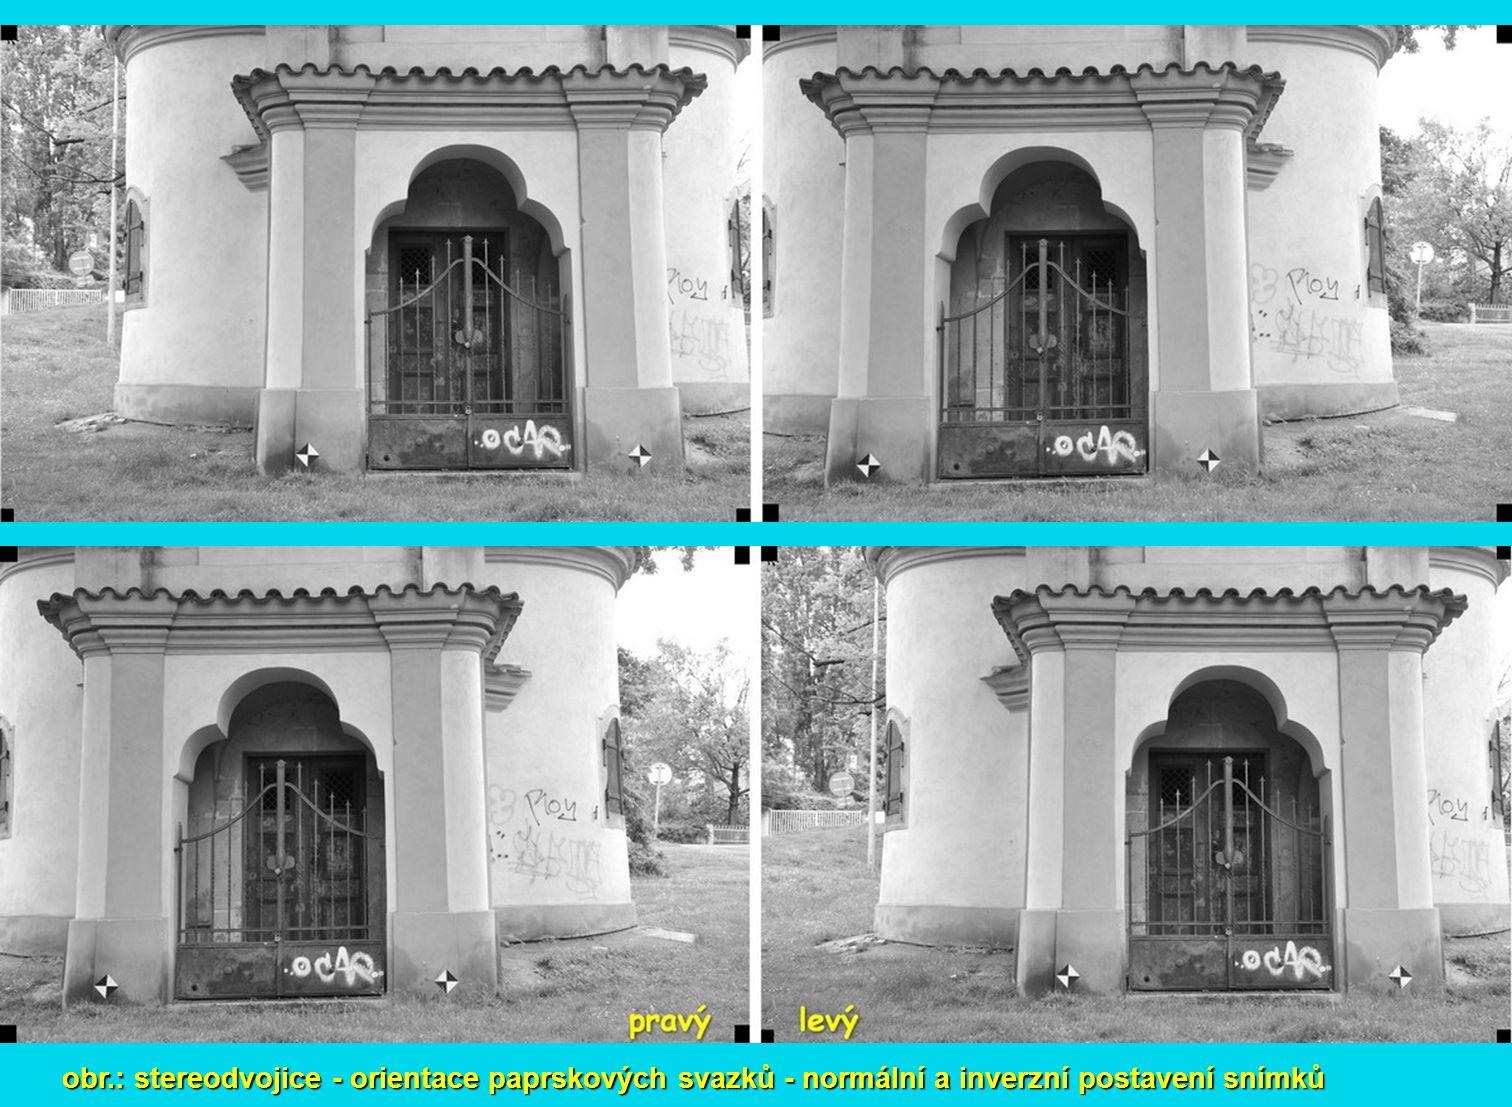 obr.: stereodvojice - orientace paprskových svazků - normální a inverzní postavení snímků